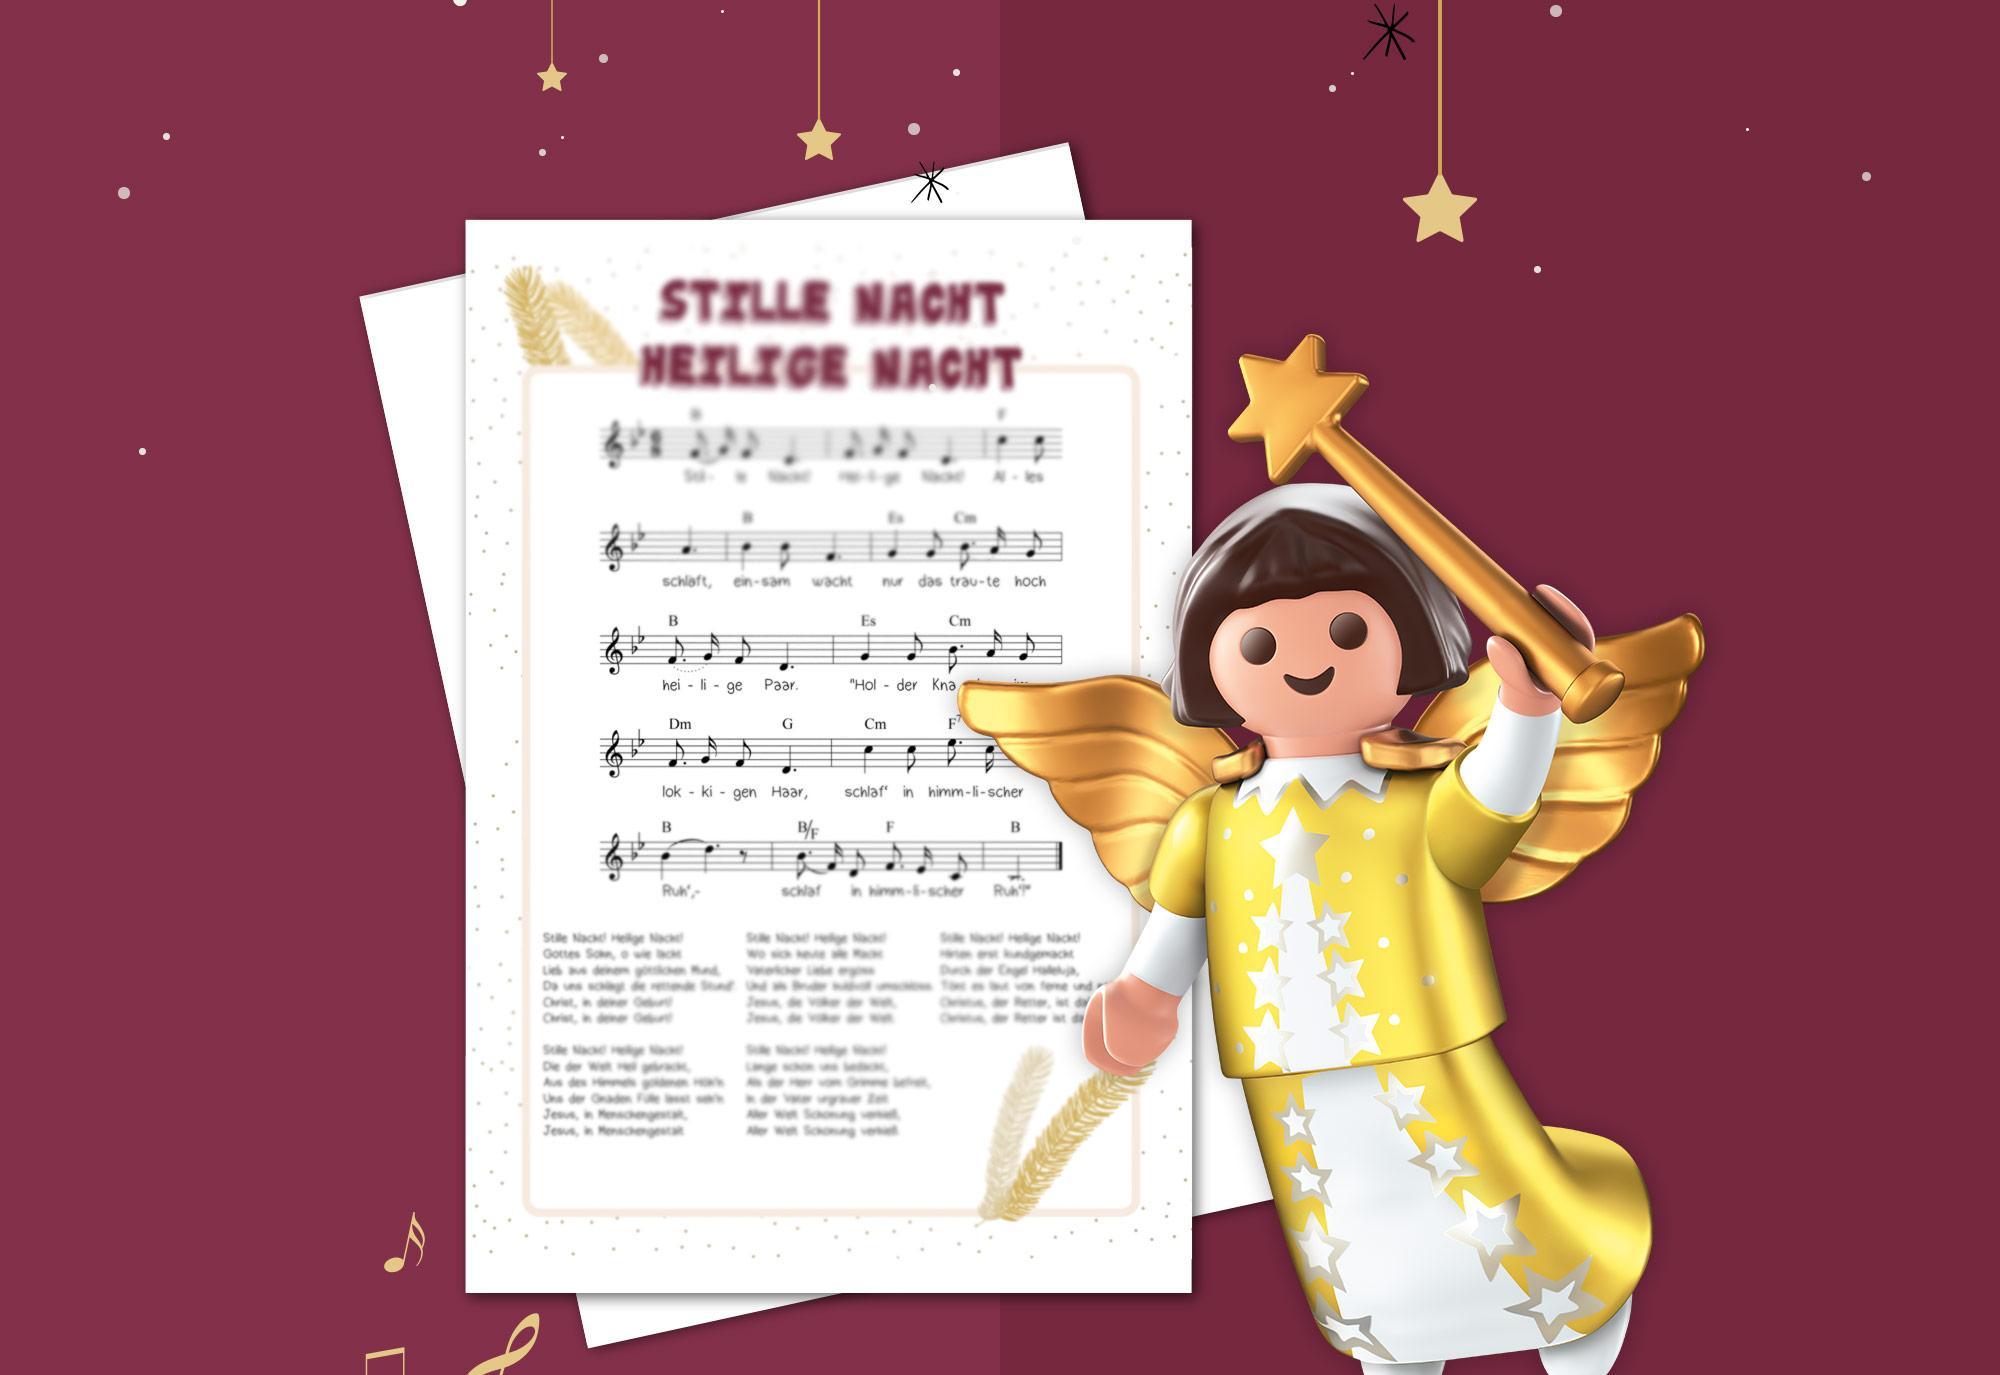 Weihnachten 2018 - Weihnachtslieder PLAYMOBIL® Deutschland